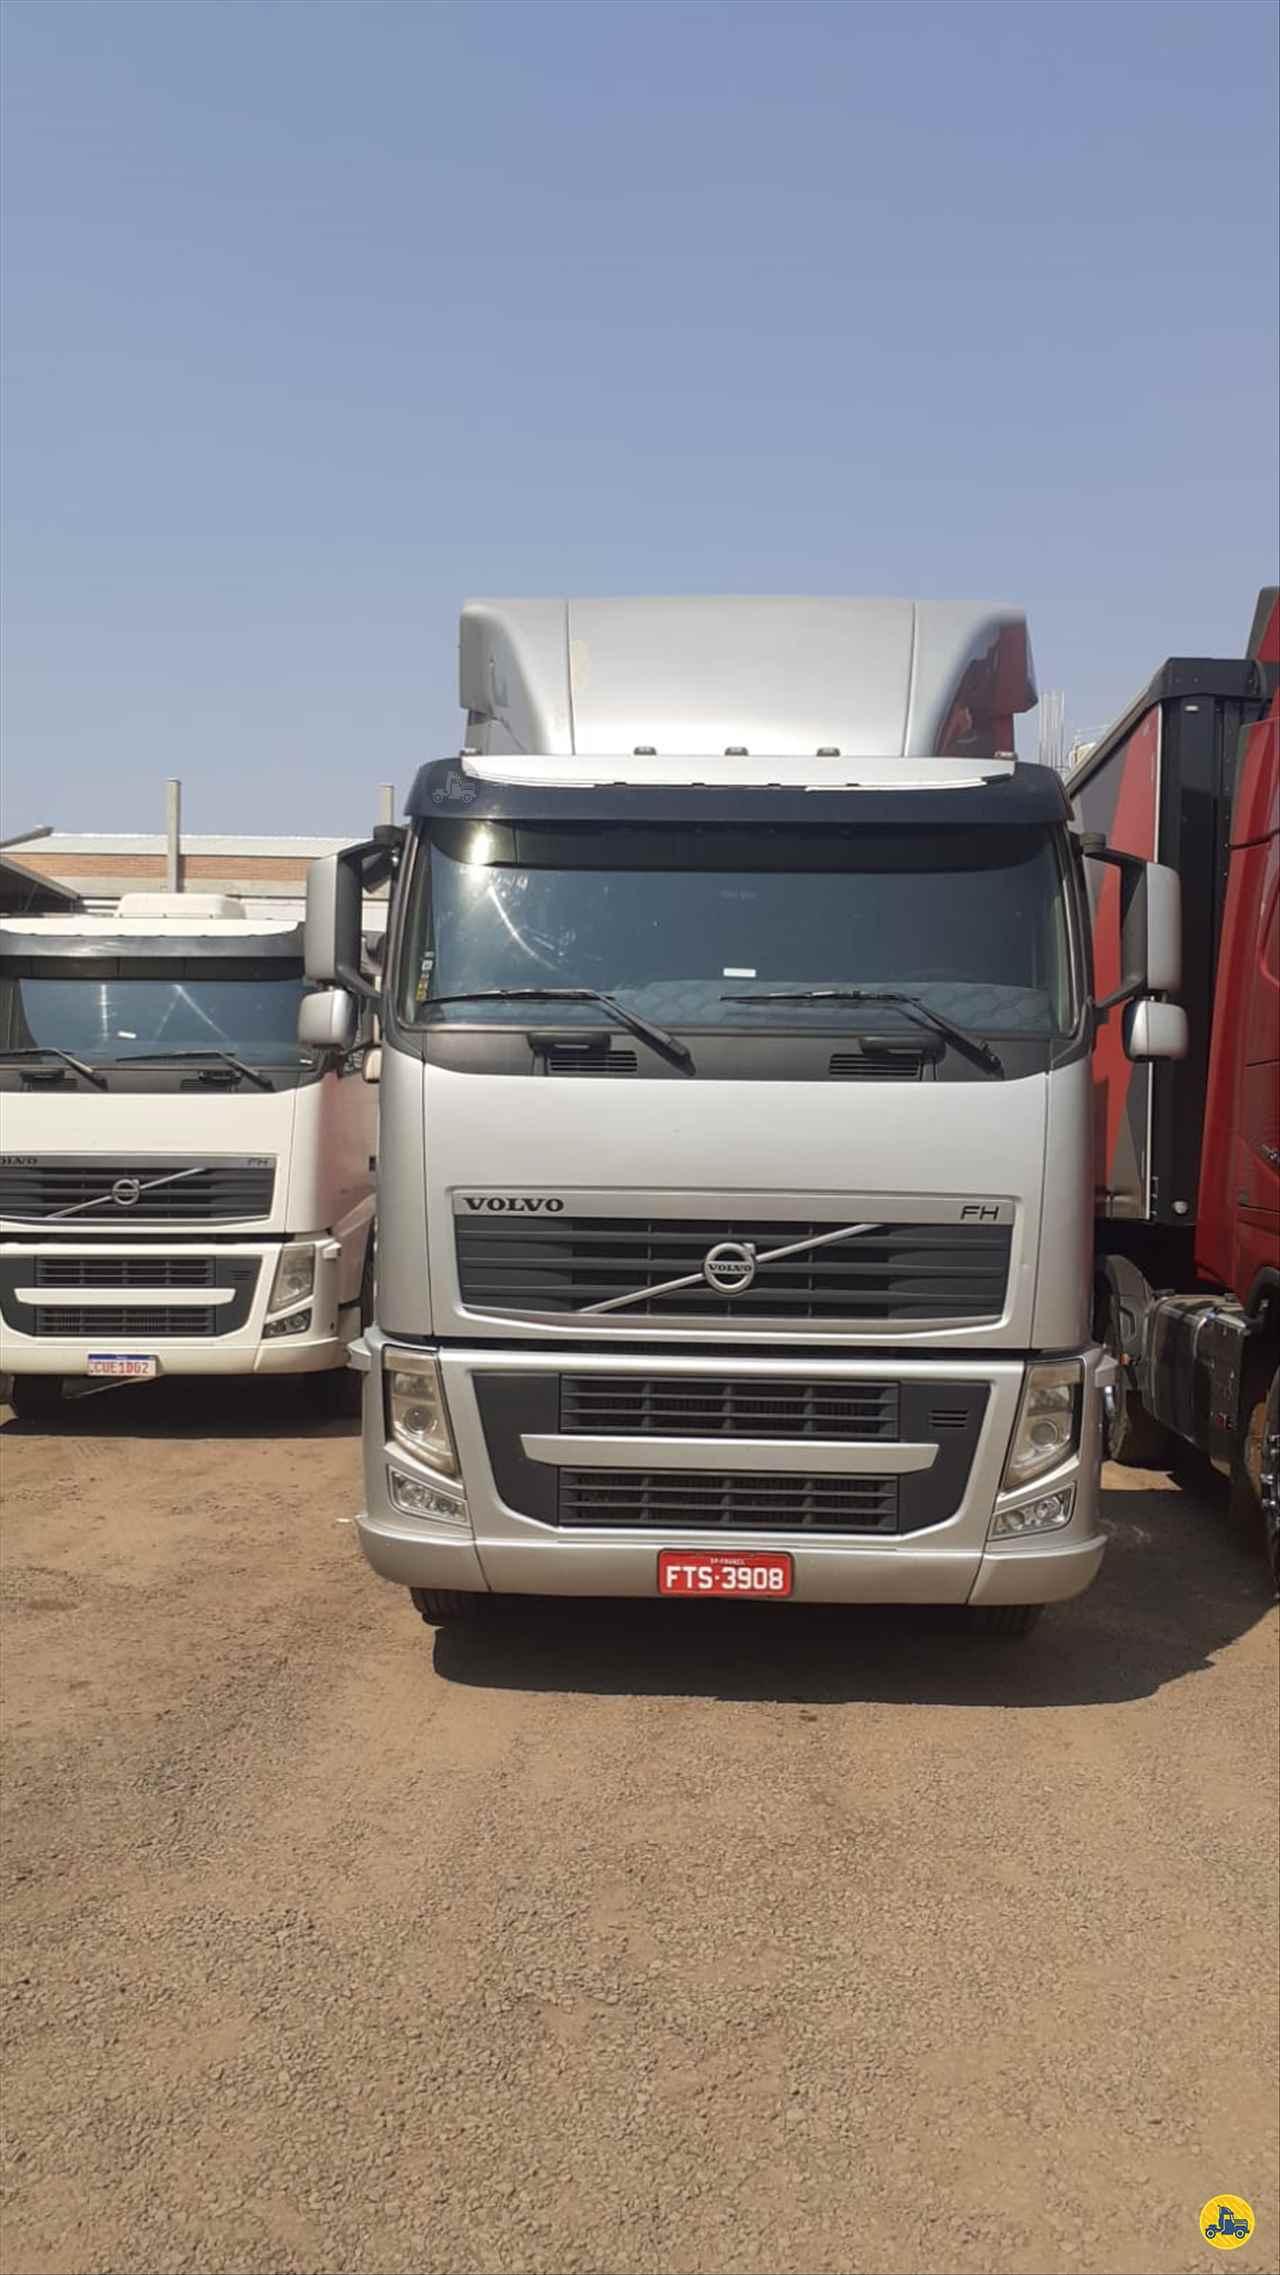 CAMINHAO VOLVO VOLVO FH 540 Baú Furgão Traçado 6x4 Valerini Transportes FRANCA SÃO PAULO SP